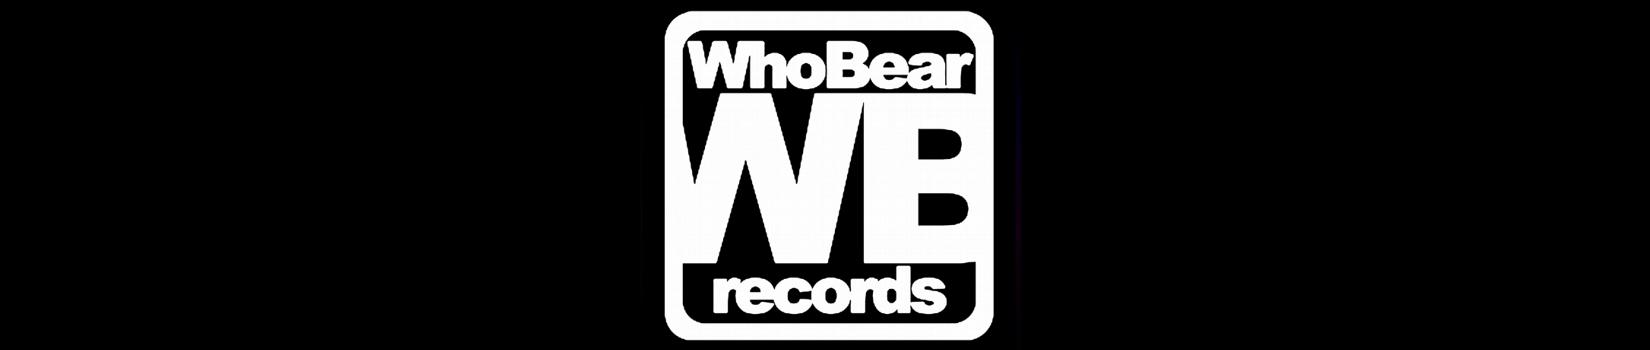 Who Bear Records